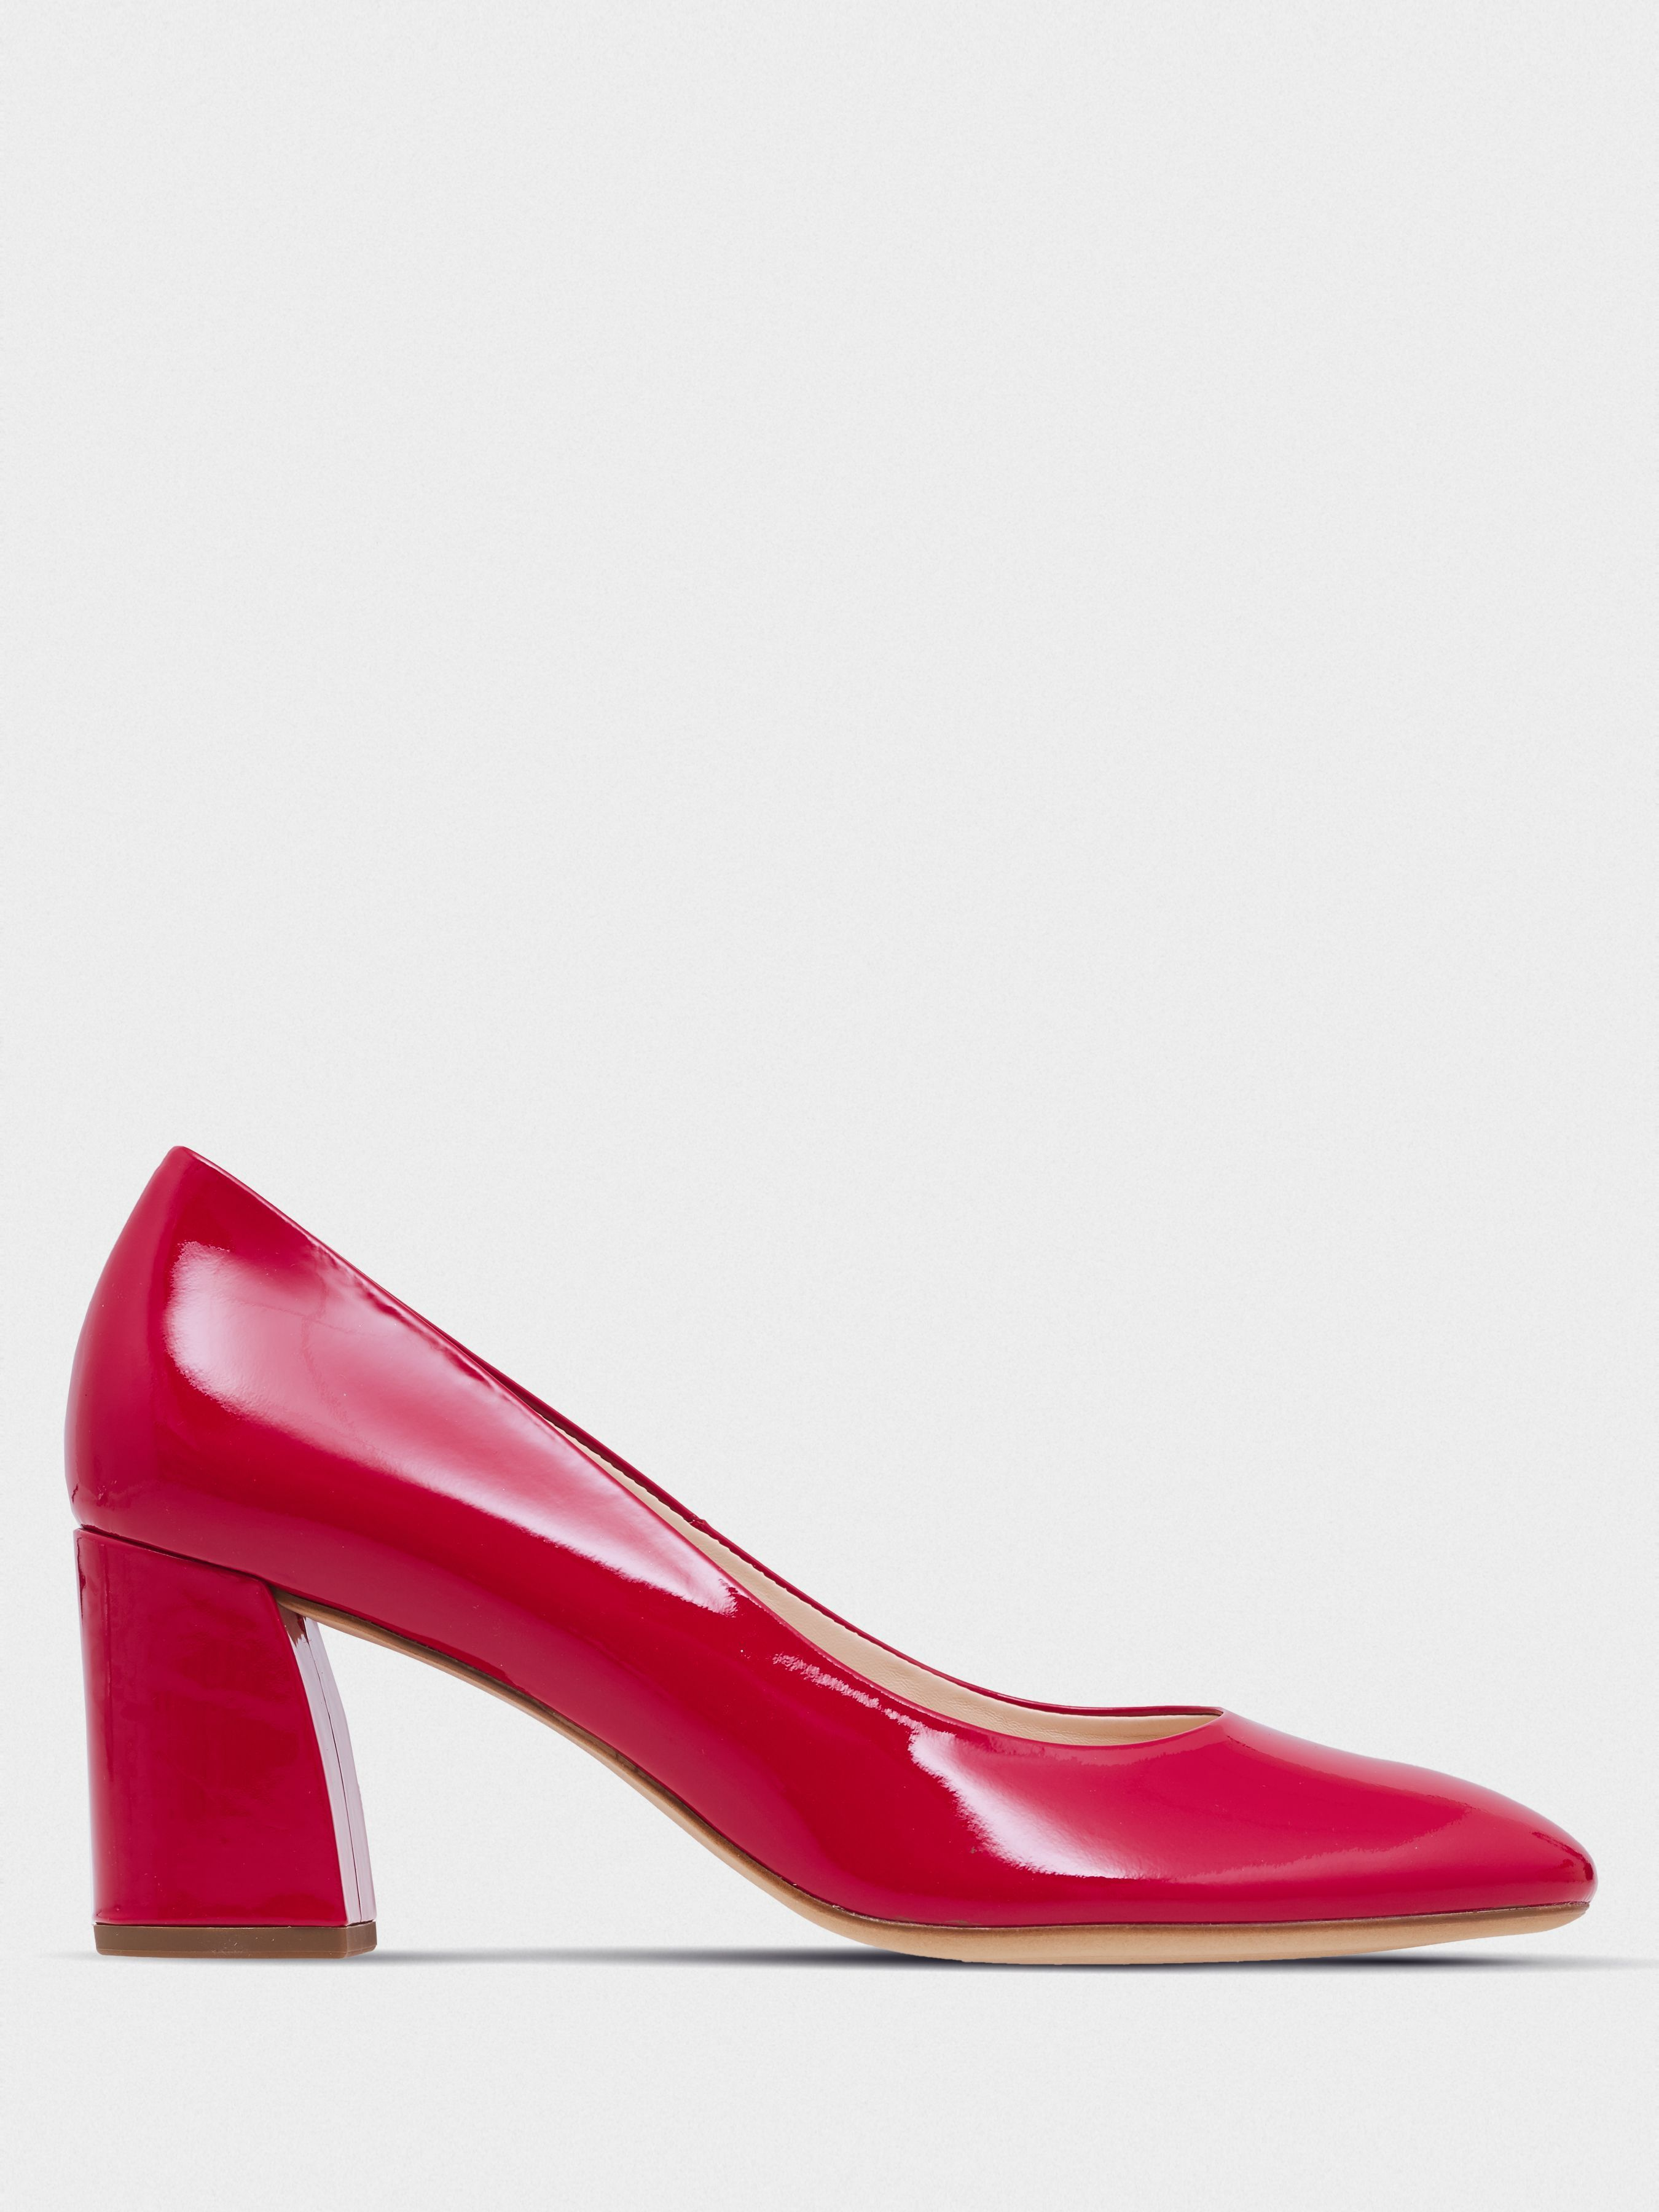 Купить Туфли женские Hogl STUDIO 50 YN4027, Красный